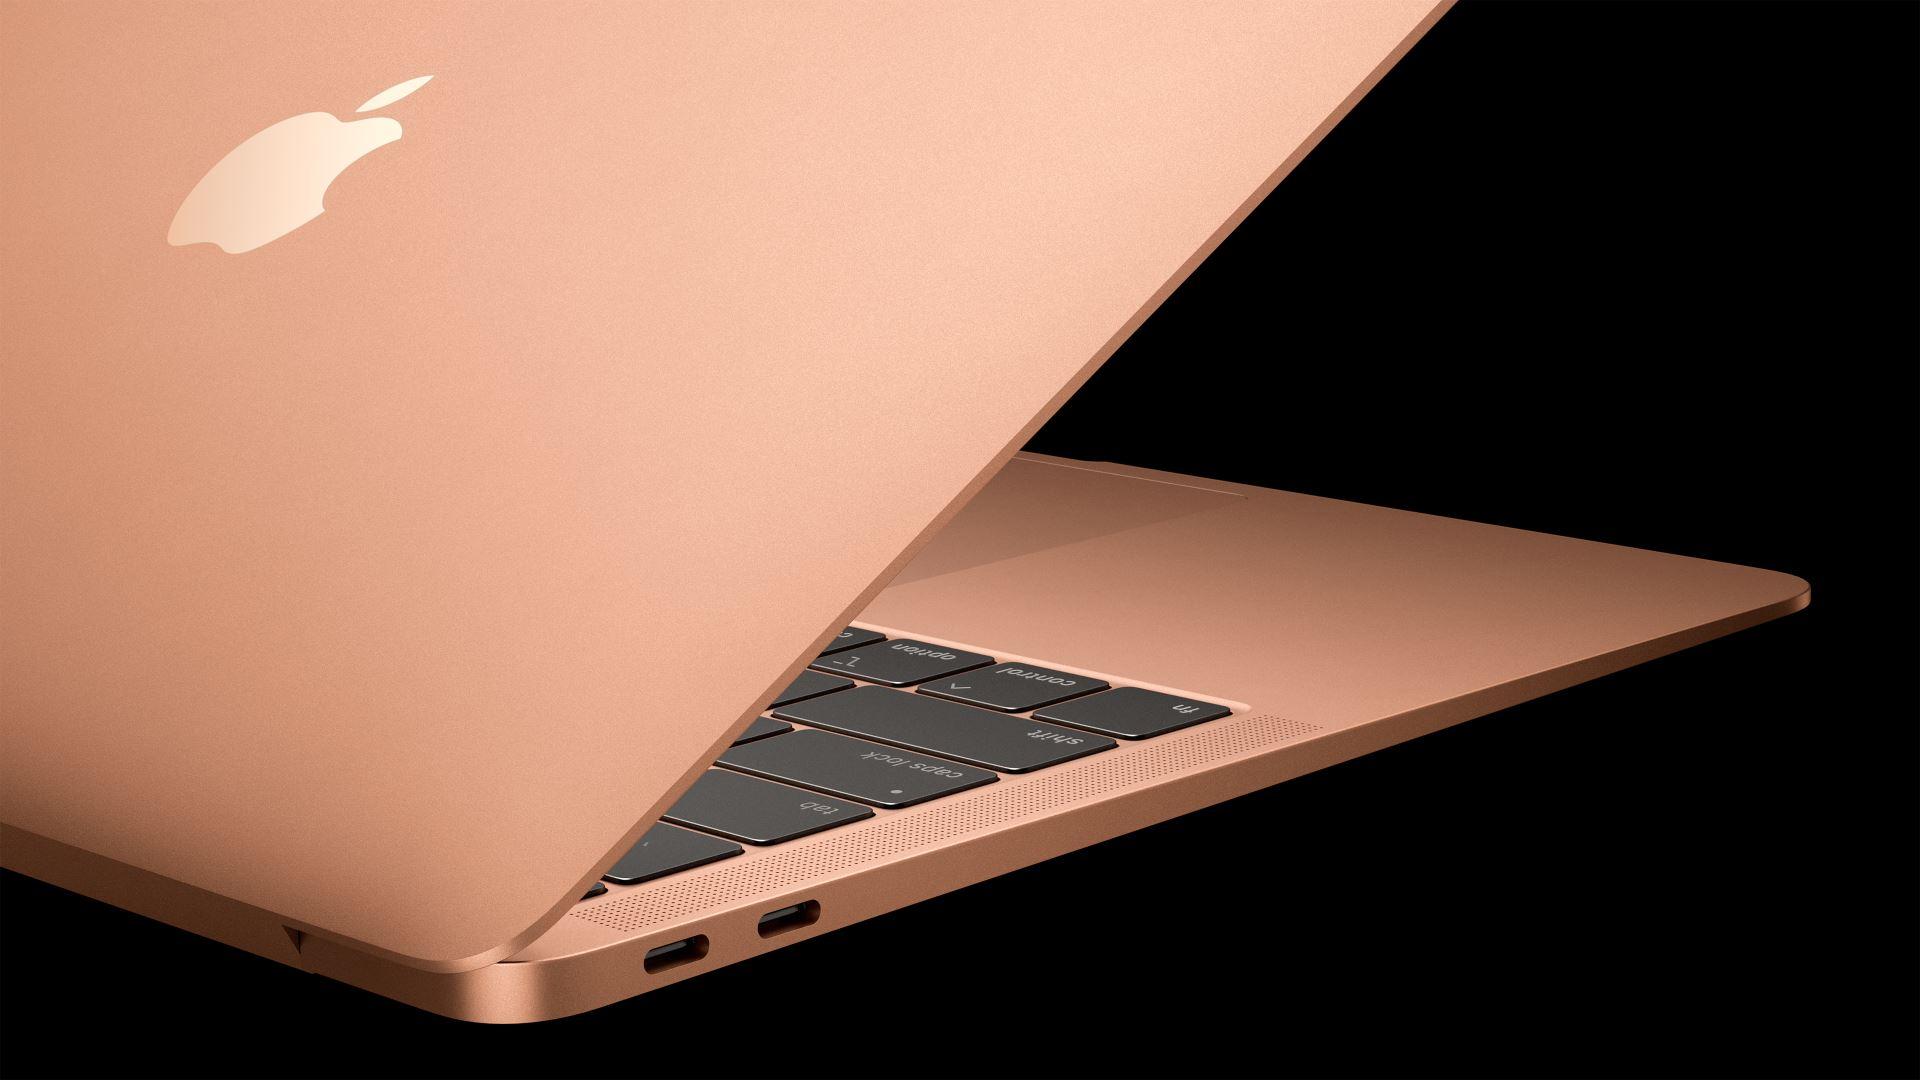 На иллюстрации изображён ноутбук MacBook Air 2018 золотого цвета в полуоткрытом состоянии